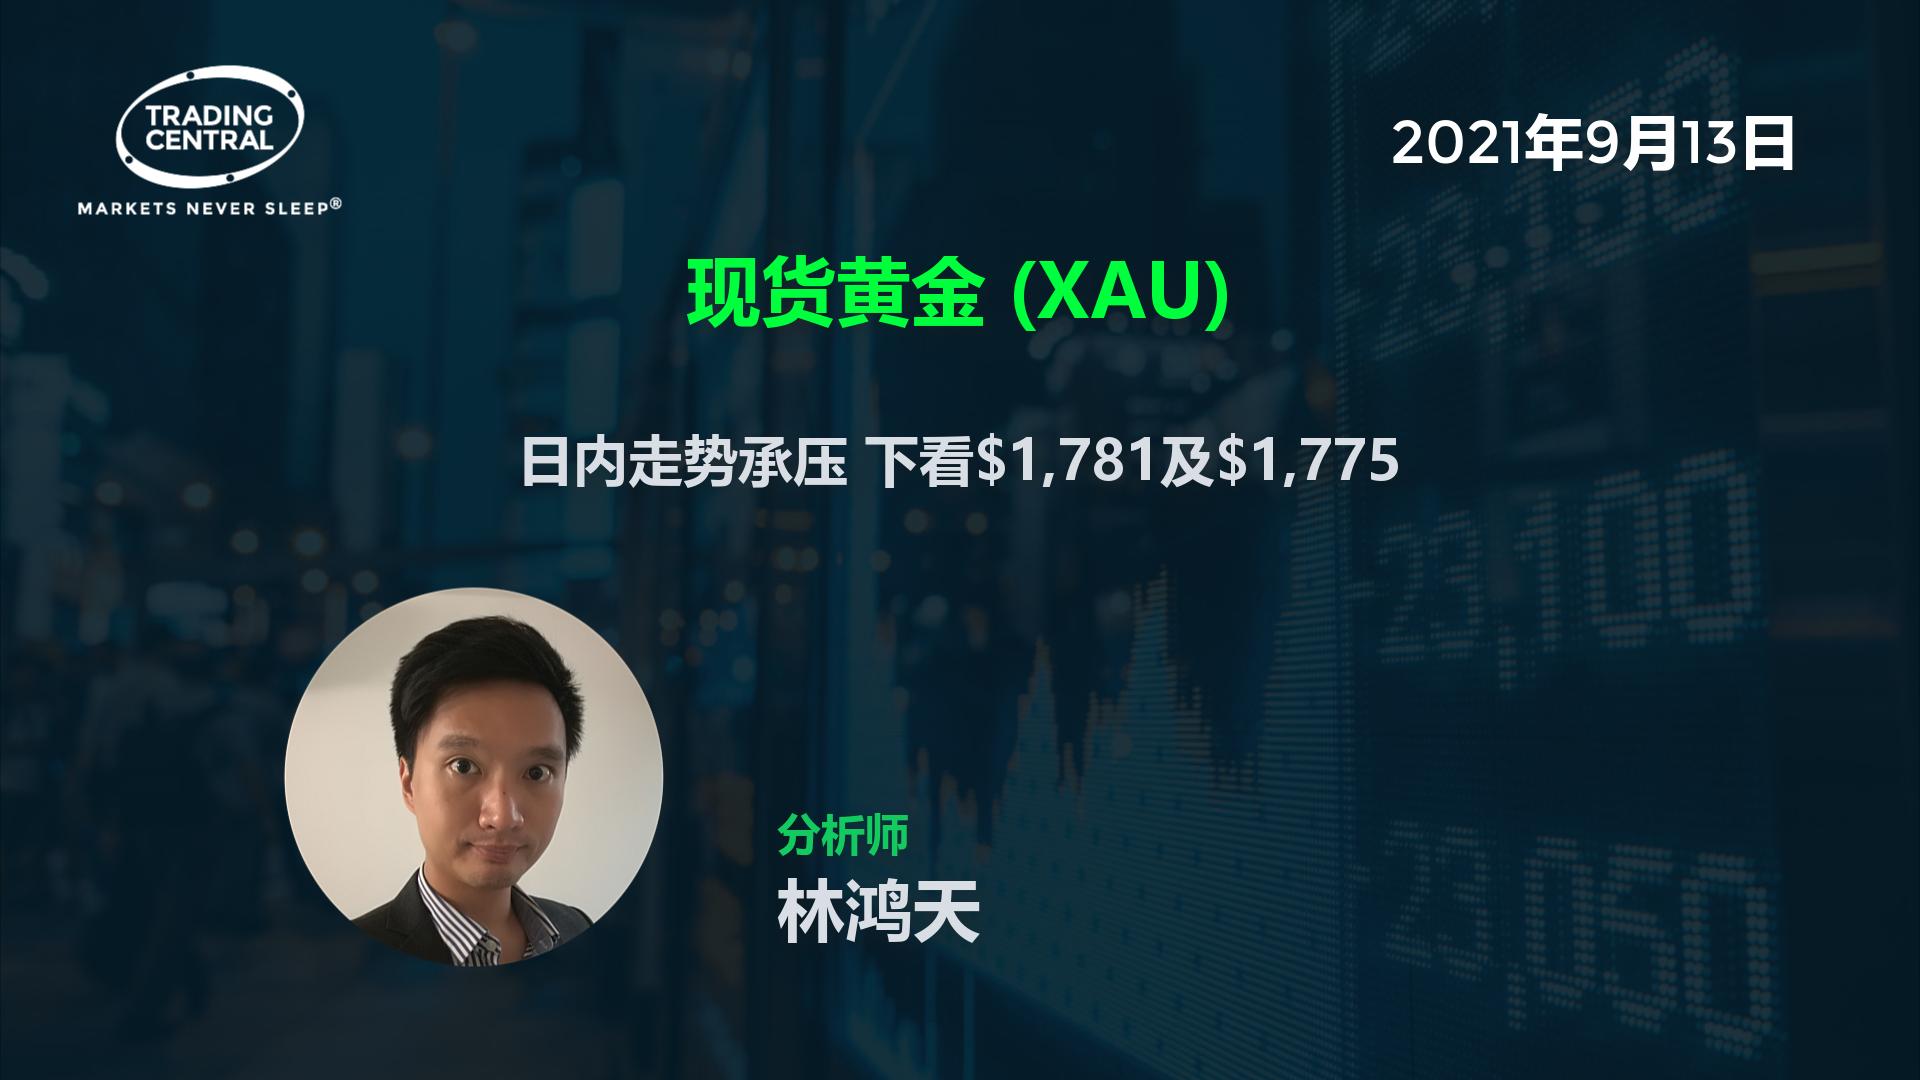 现货黄金 (XAU) - 日内走势承压 下看$1,781及$1,775